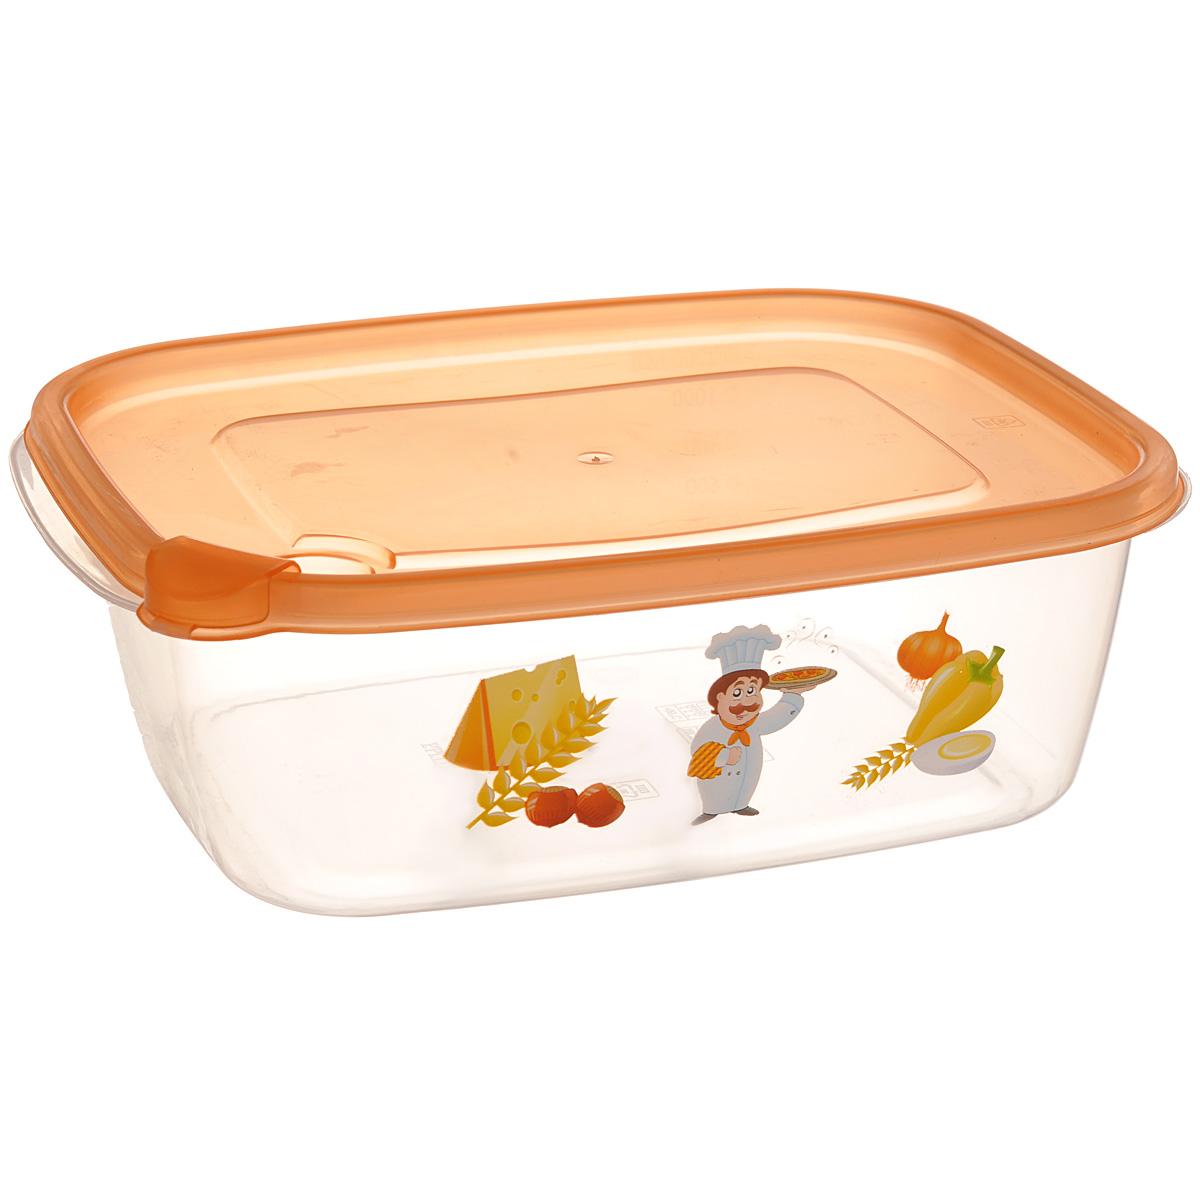 Контейнер Бытпласт Phibo, цвет: прозрачный, оранжевый, 1,25 лС11704Контейнер Бытпласт Phibo прямоугольной формы, изготовленный из прочного пластика, предназначен специально для хранения пищевых продуктов. Контейнер, декорированный изображением овощей, оснащен герметичной крышкой со специальным клапаном, благодаря которому внутри создается вакуум, и продукты дольше сохраняют свежесть и аромат. Крышка легко открывается и плотно закрывается. Прозрачные стенки позволяют видеть содержимое. Контейнер устойчив к воздействию масел и жиров, легко моется. Контейнер имеет возможность хранения продуктов глубокой заморозки, обладает высокой прочностью. Можно мыть в посудомоечной машине. Подходит для использования в микроволновых печах.